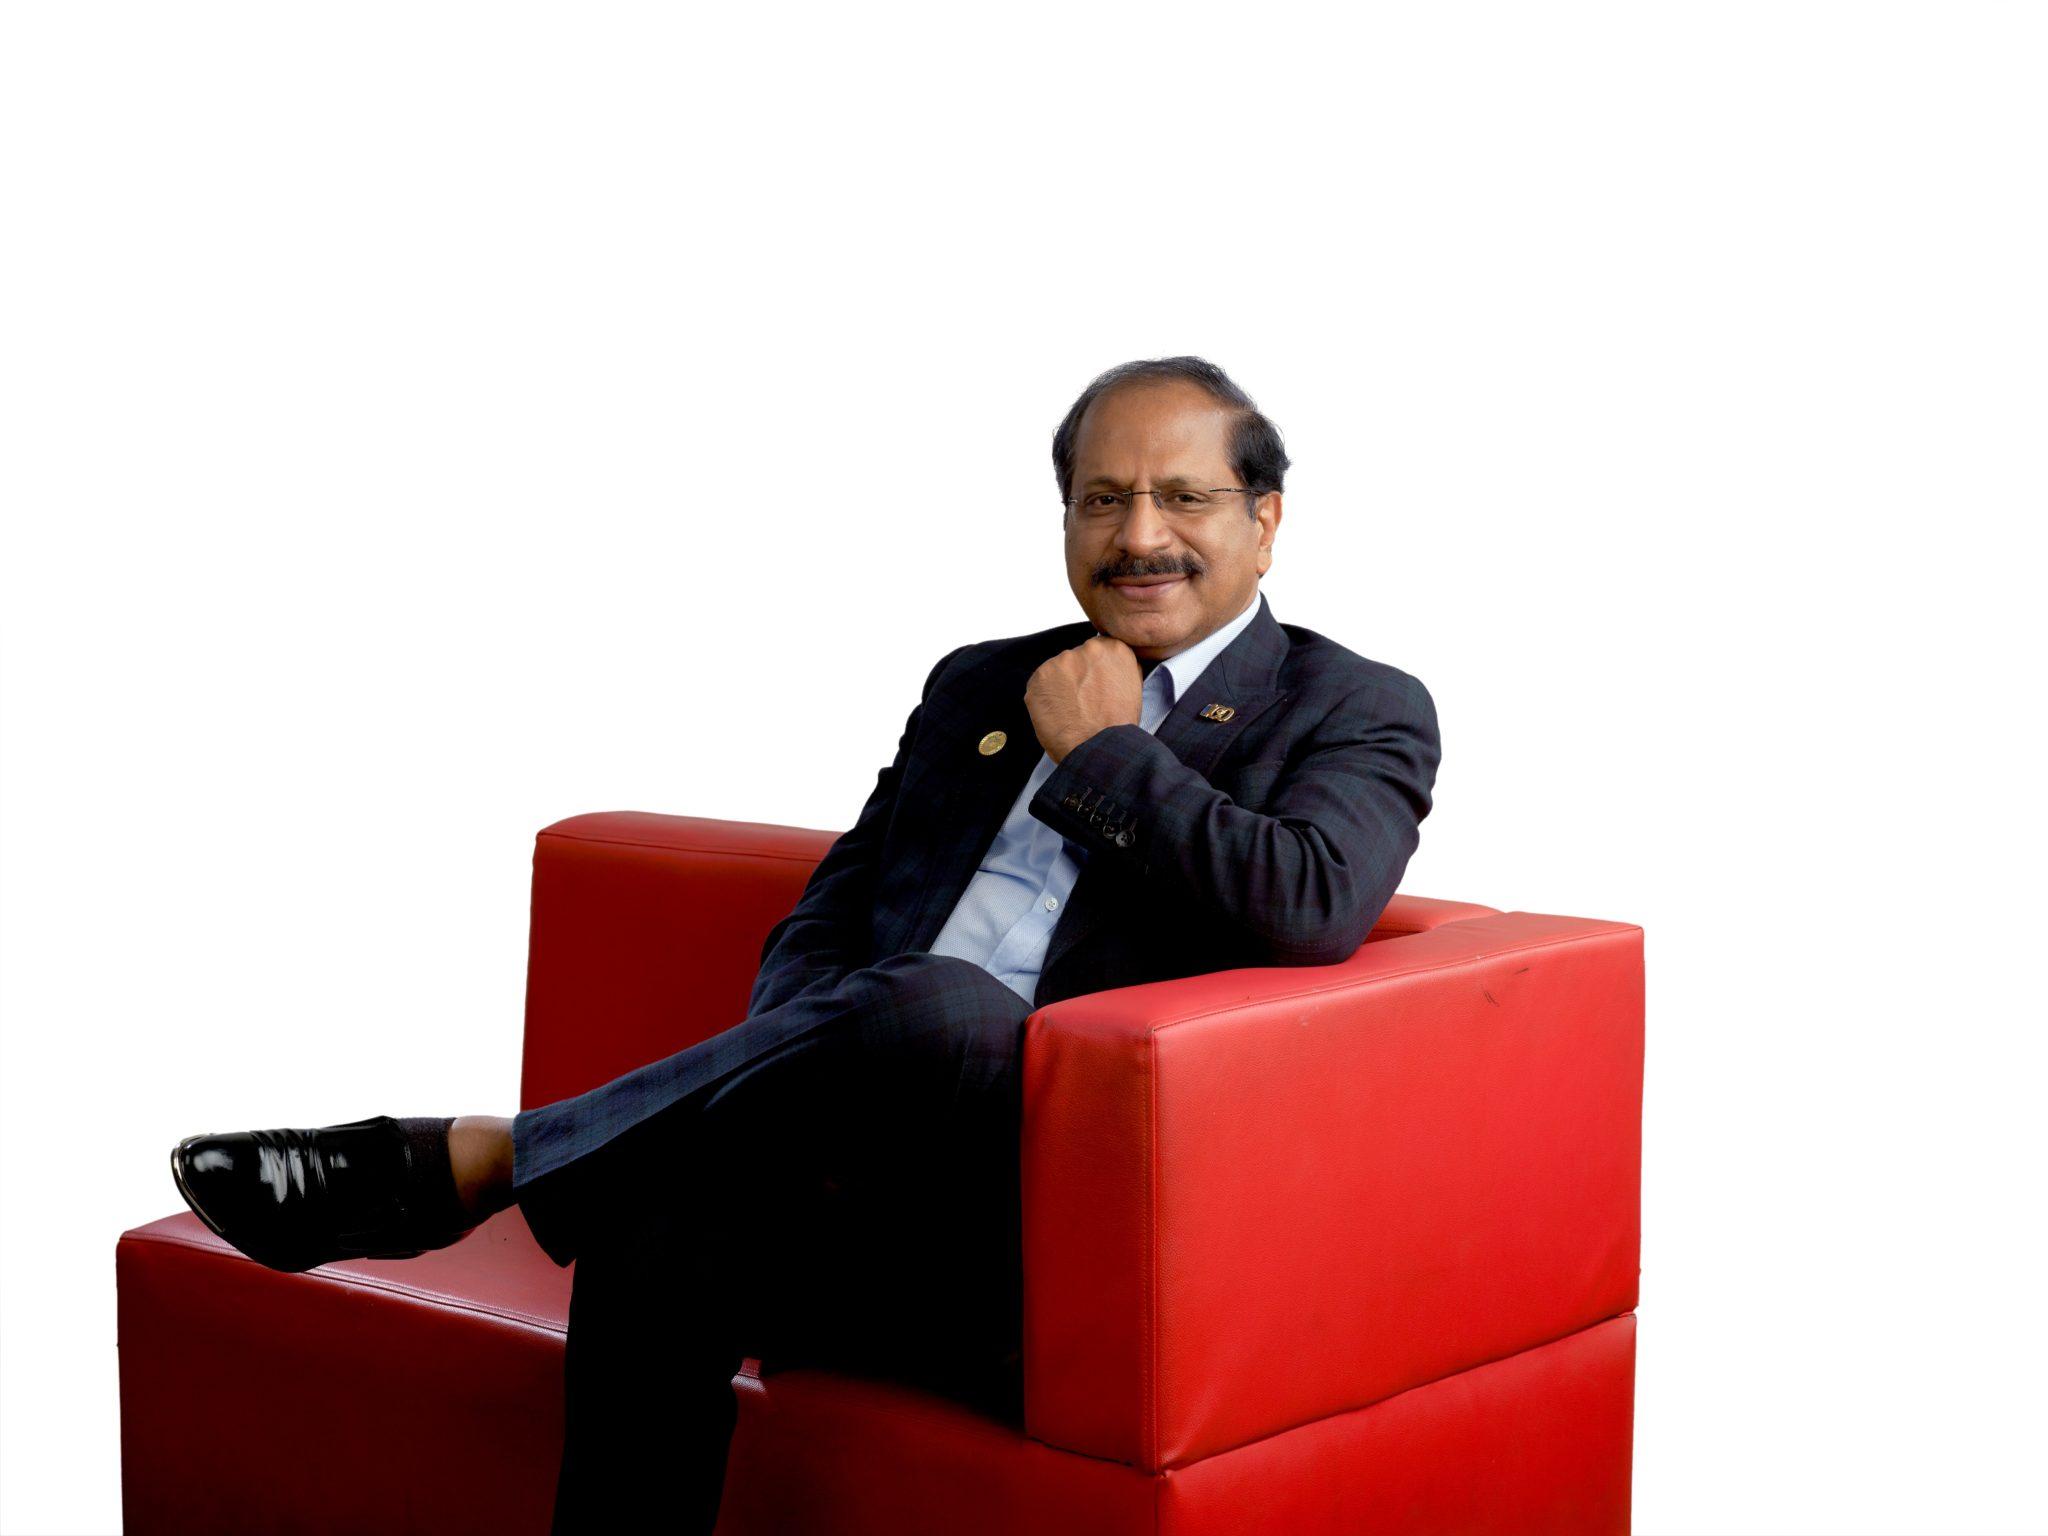 V.P. Nandakumar